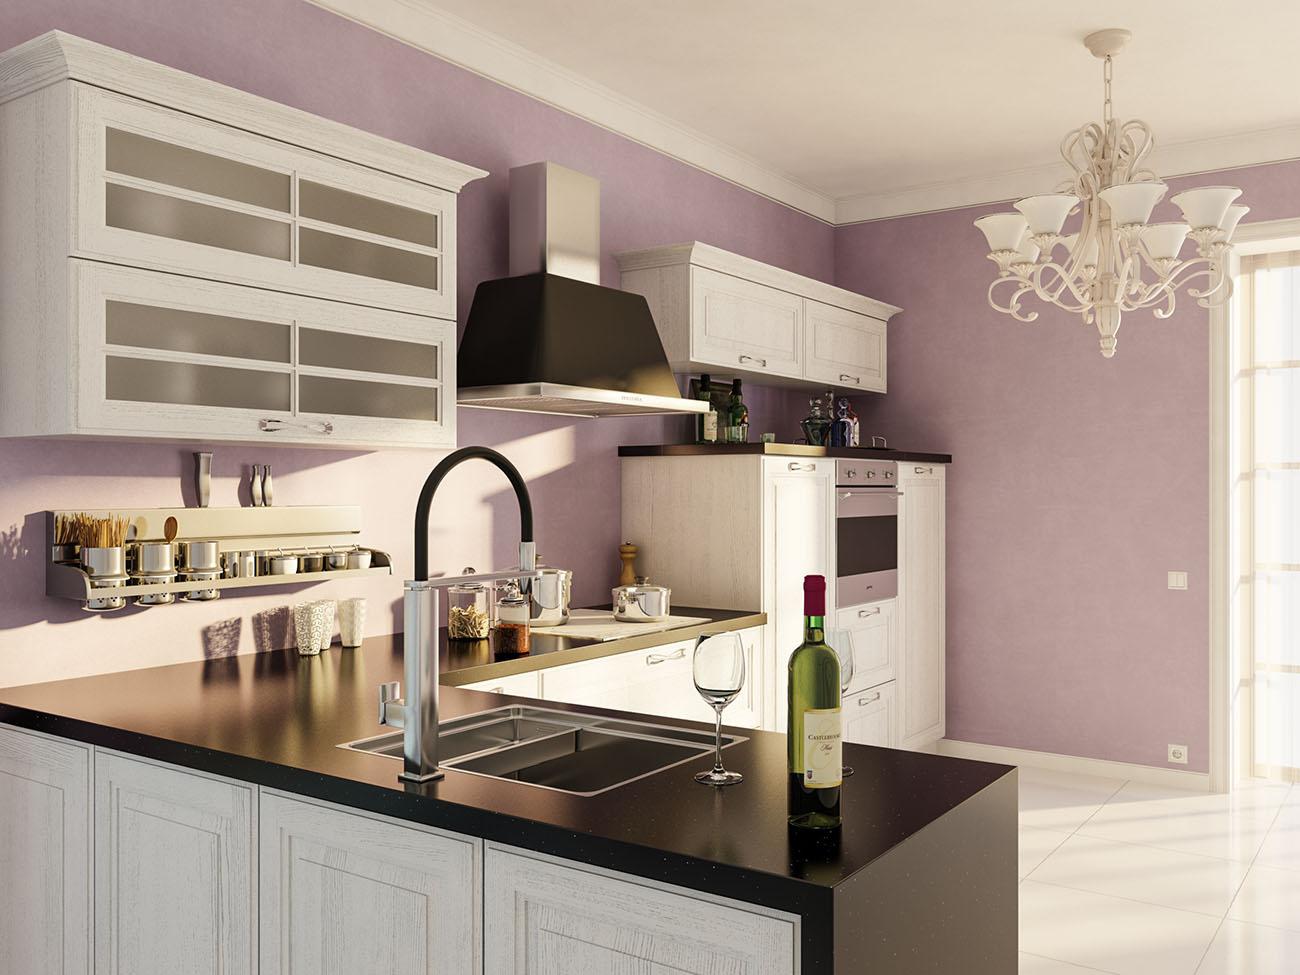 massivholzküche küchenmöbel winkelküche küche eiche